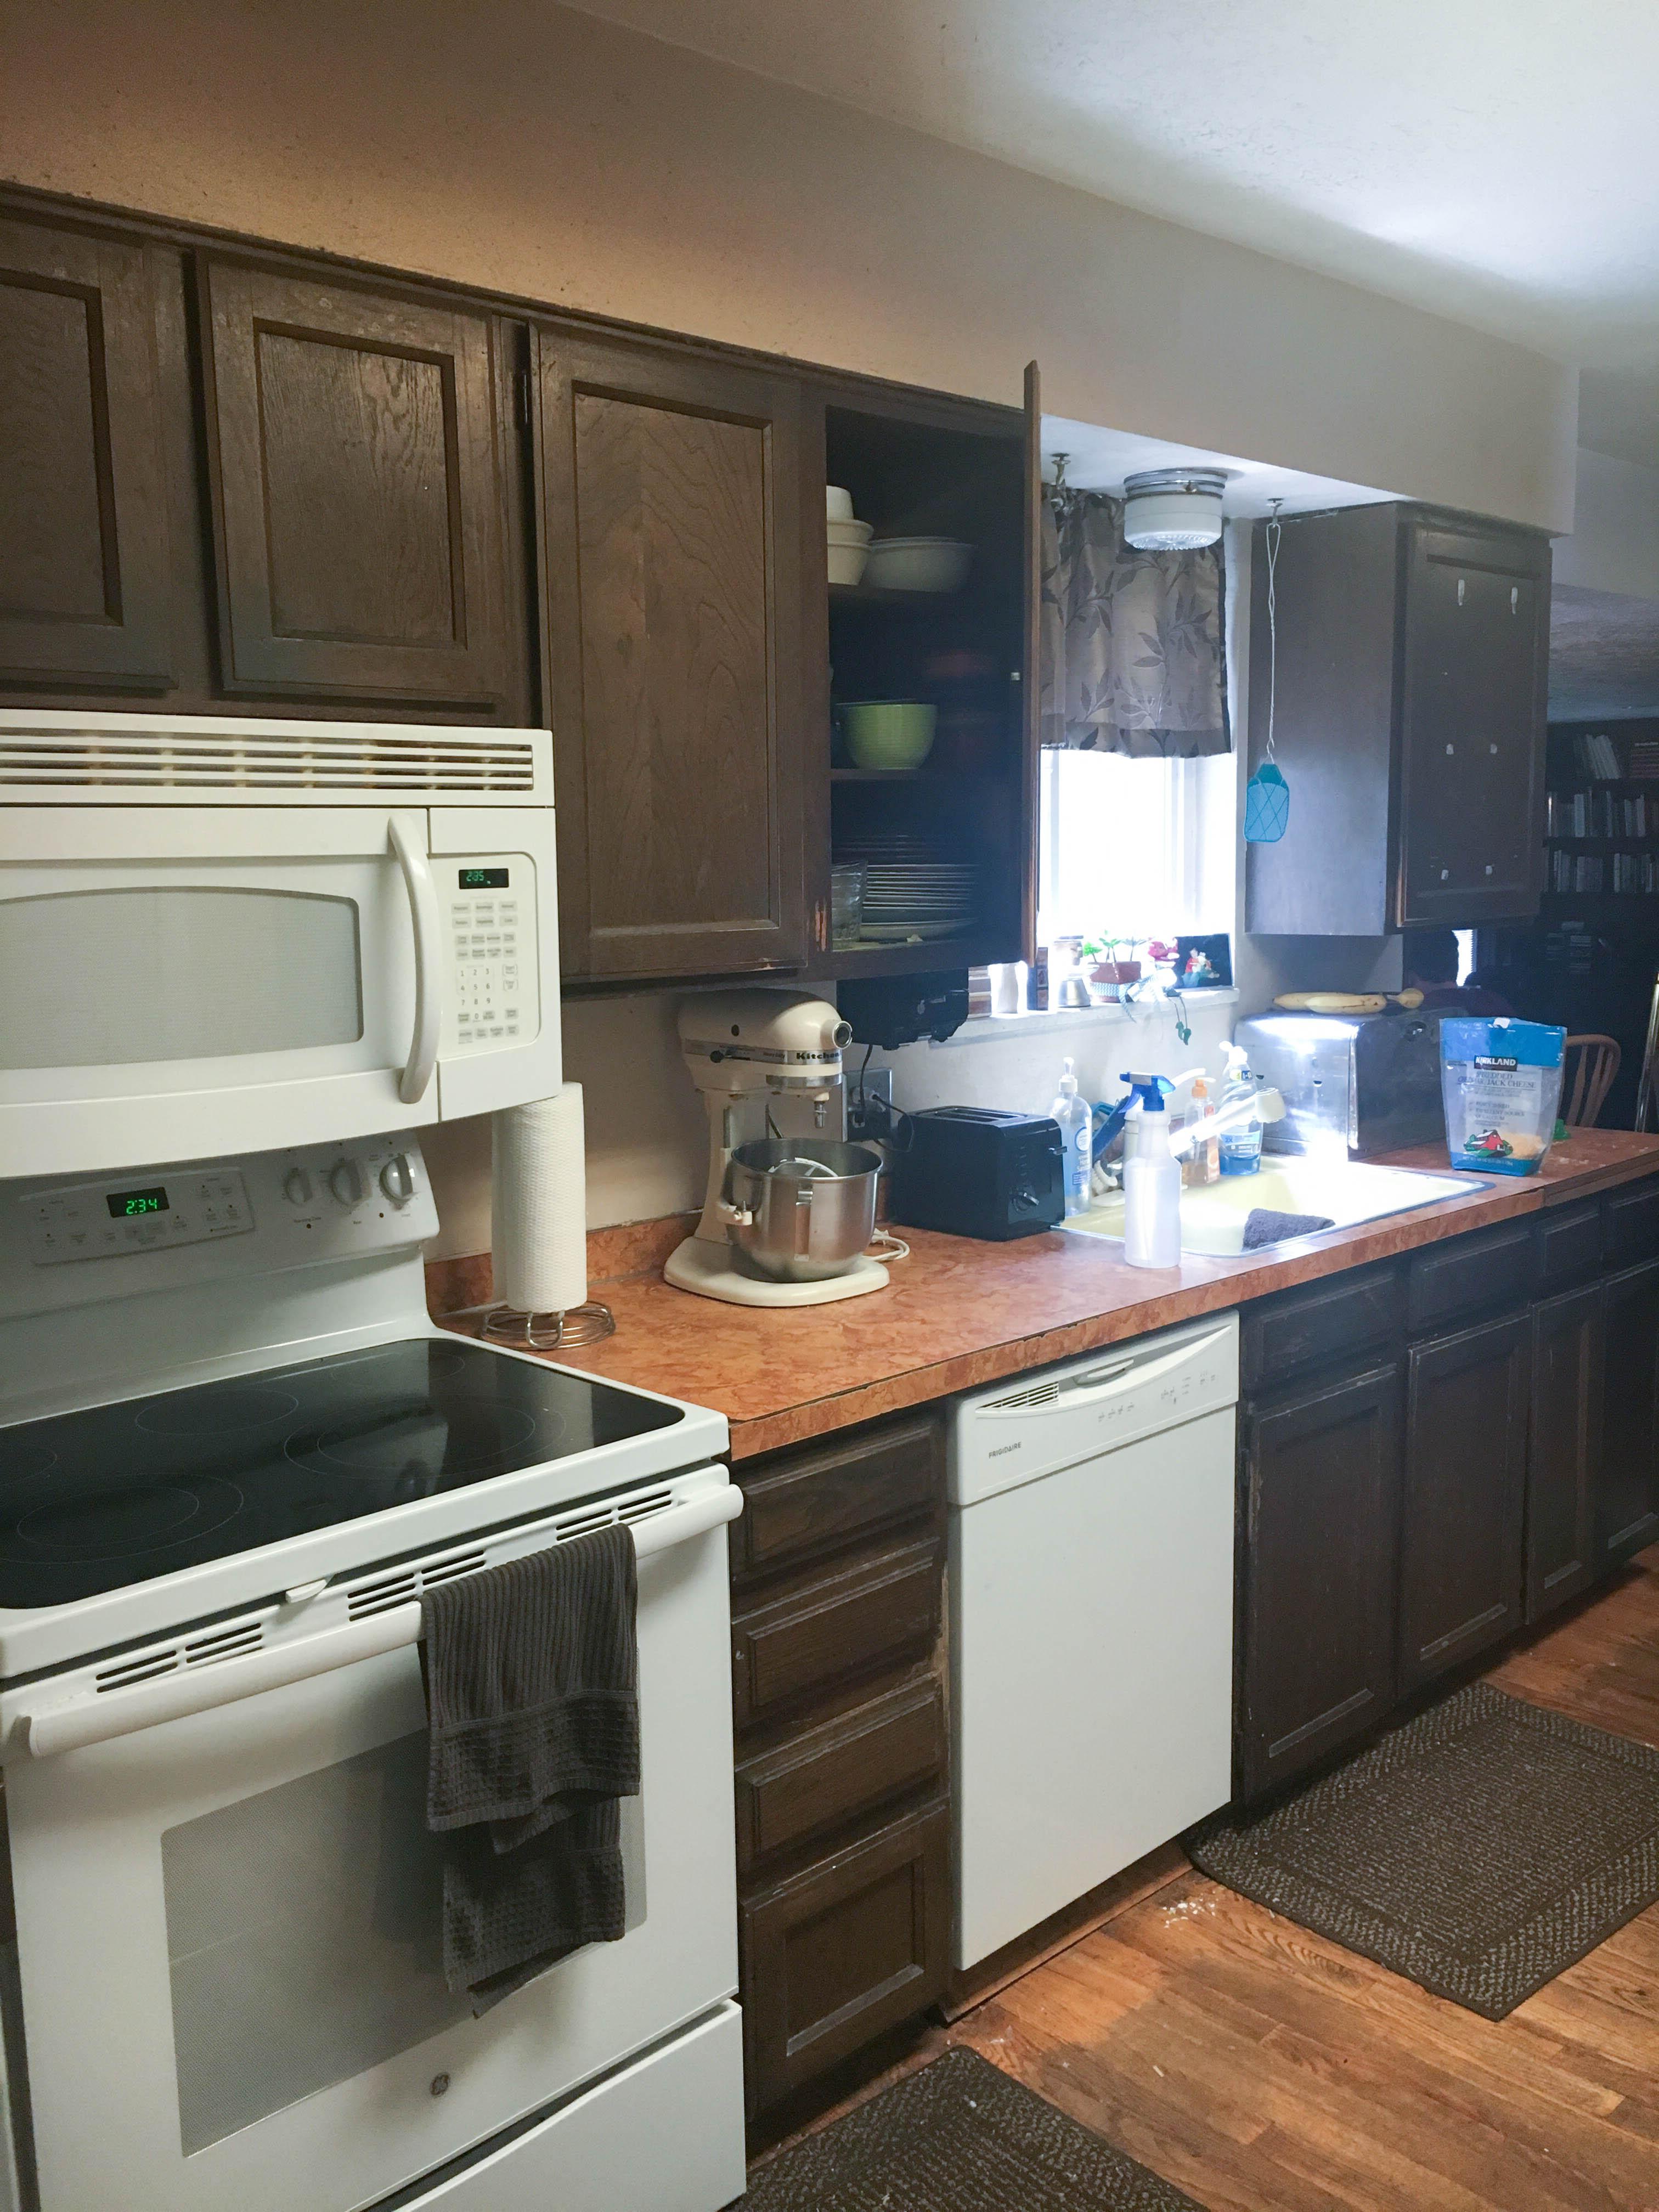 diy-kitchen-countertops (1 of 10)